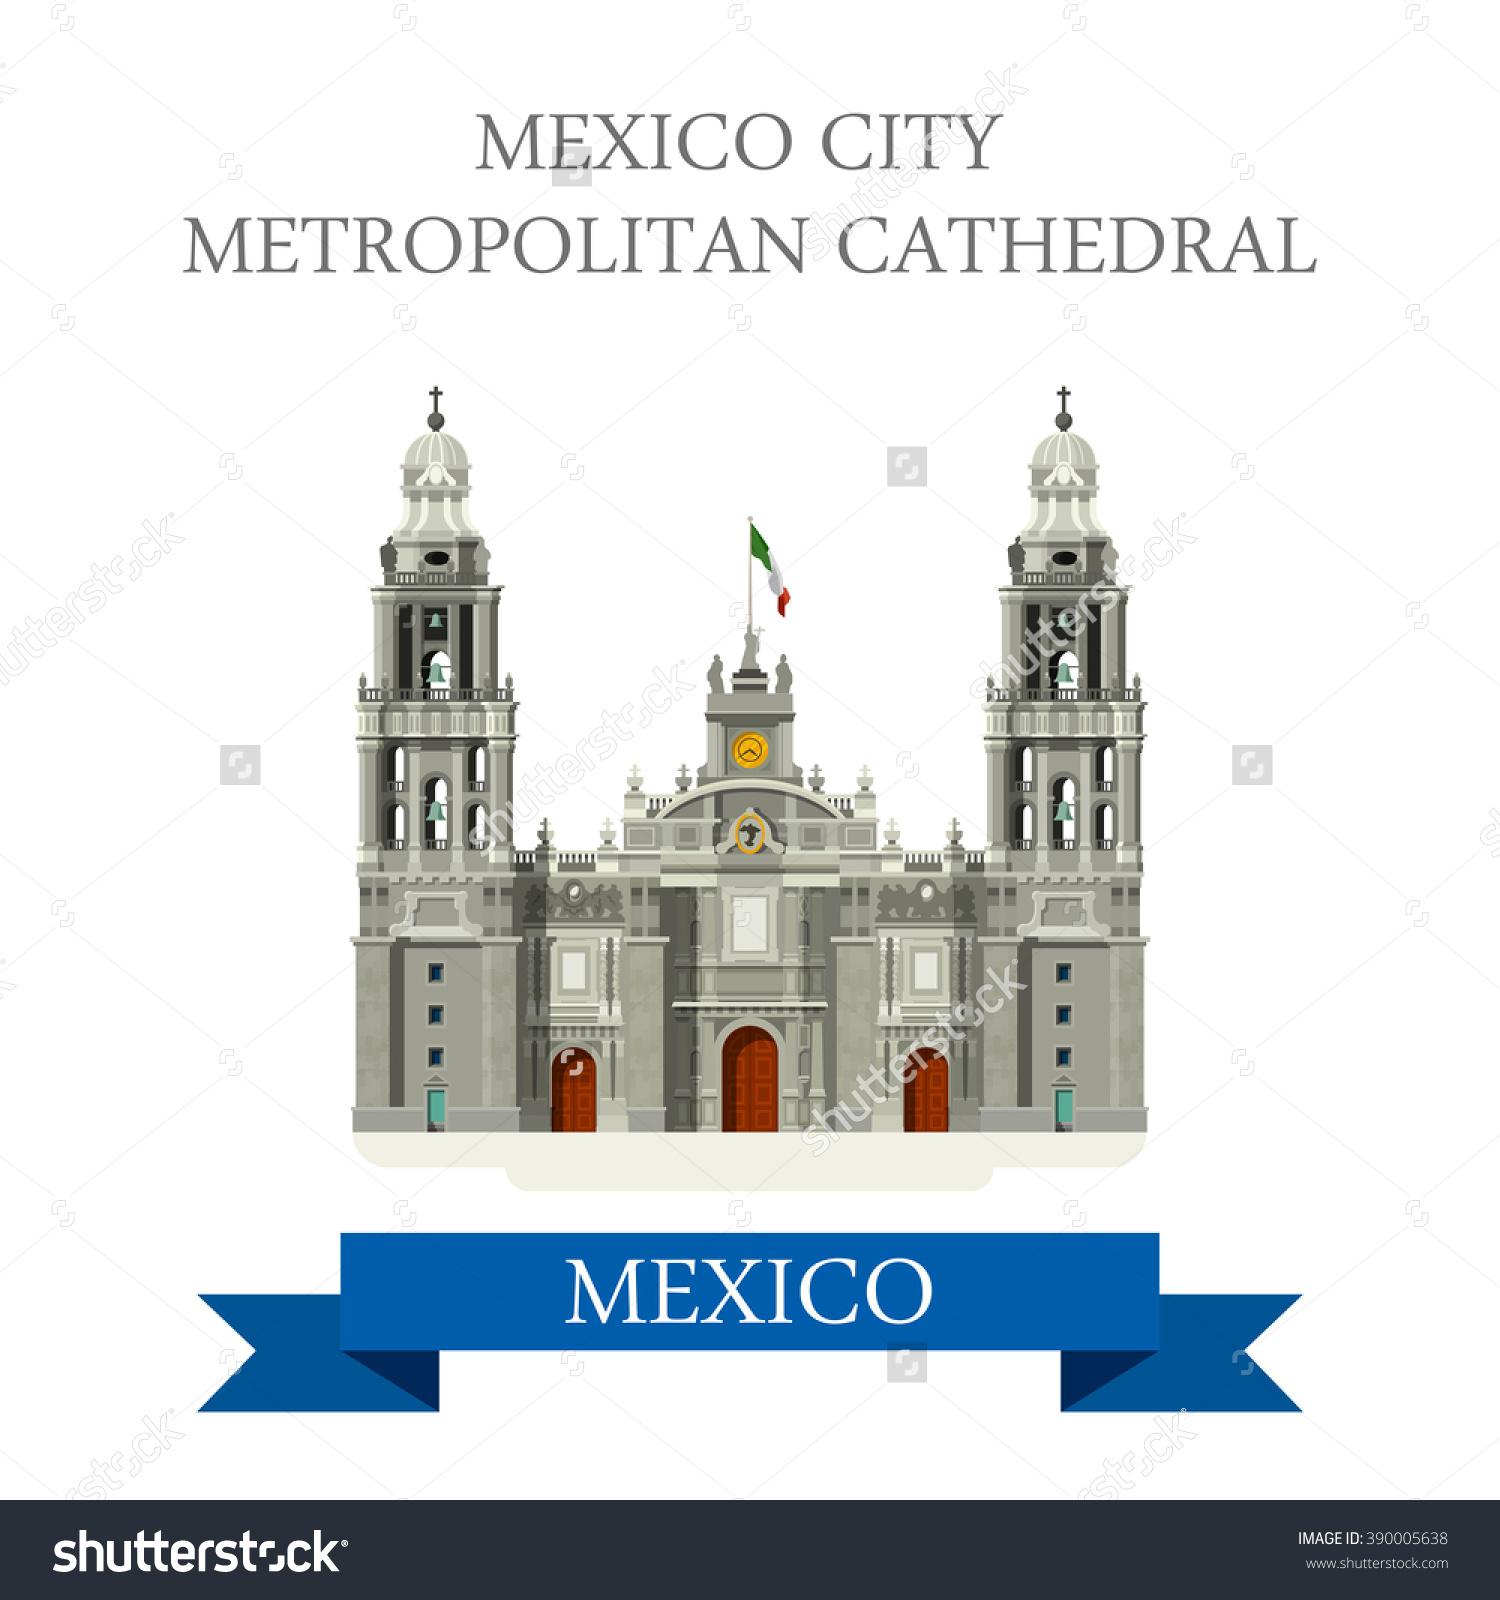 Mexico City Metropolitan Cathedral Flat Cartoon Stock Vector.